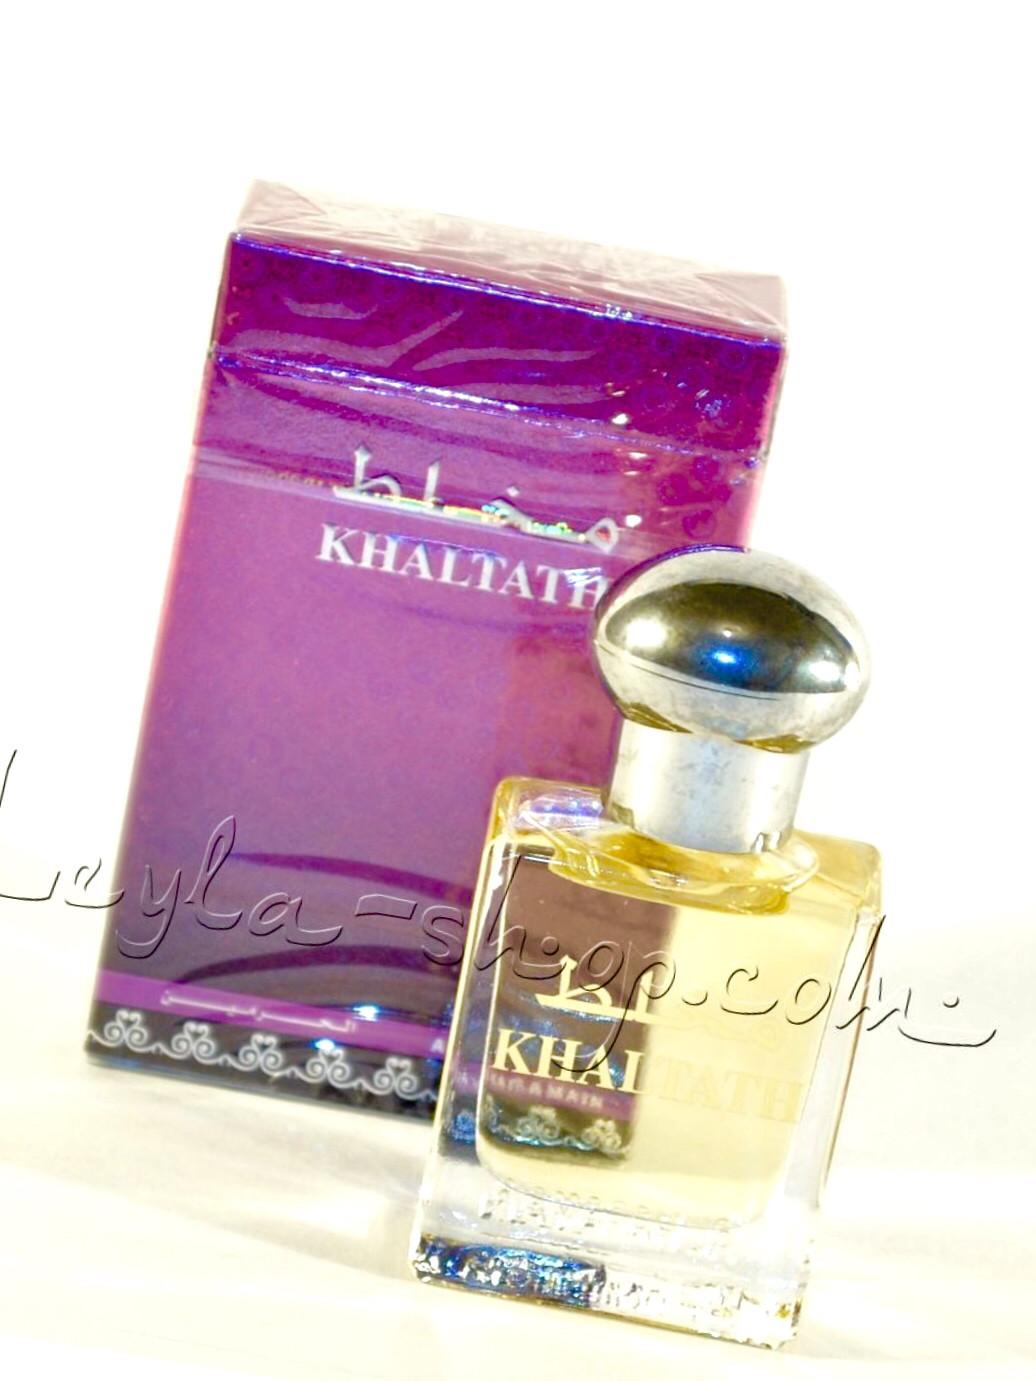 Al Haramain - Khaltath